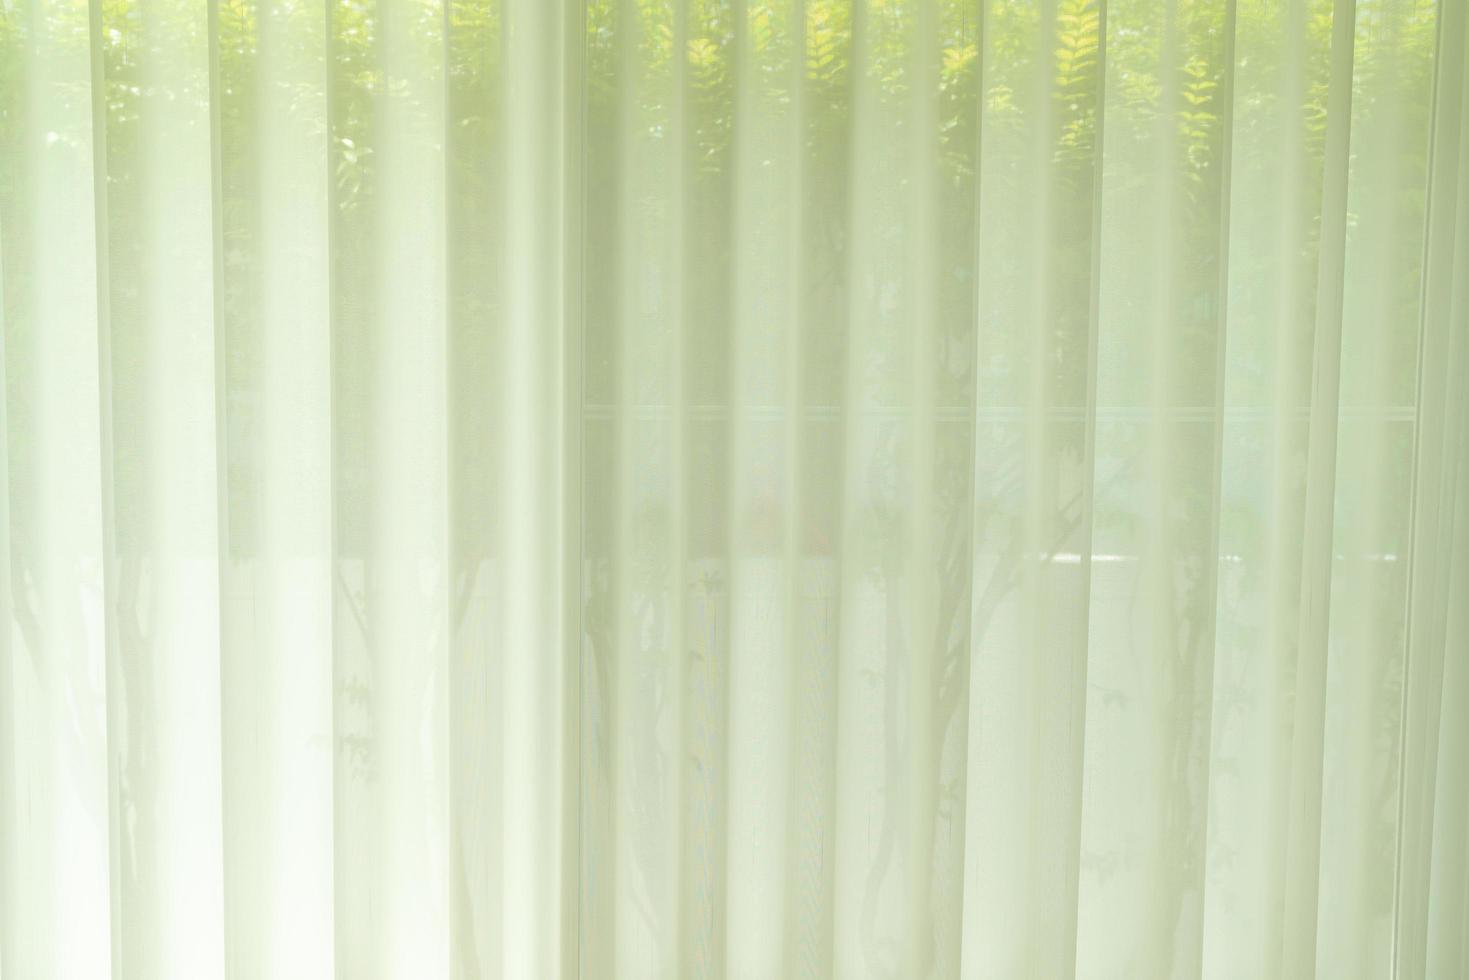 wit doorschijnend gordijn of lichtfilterend gordijn thuis foto